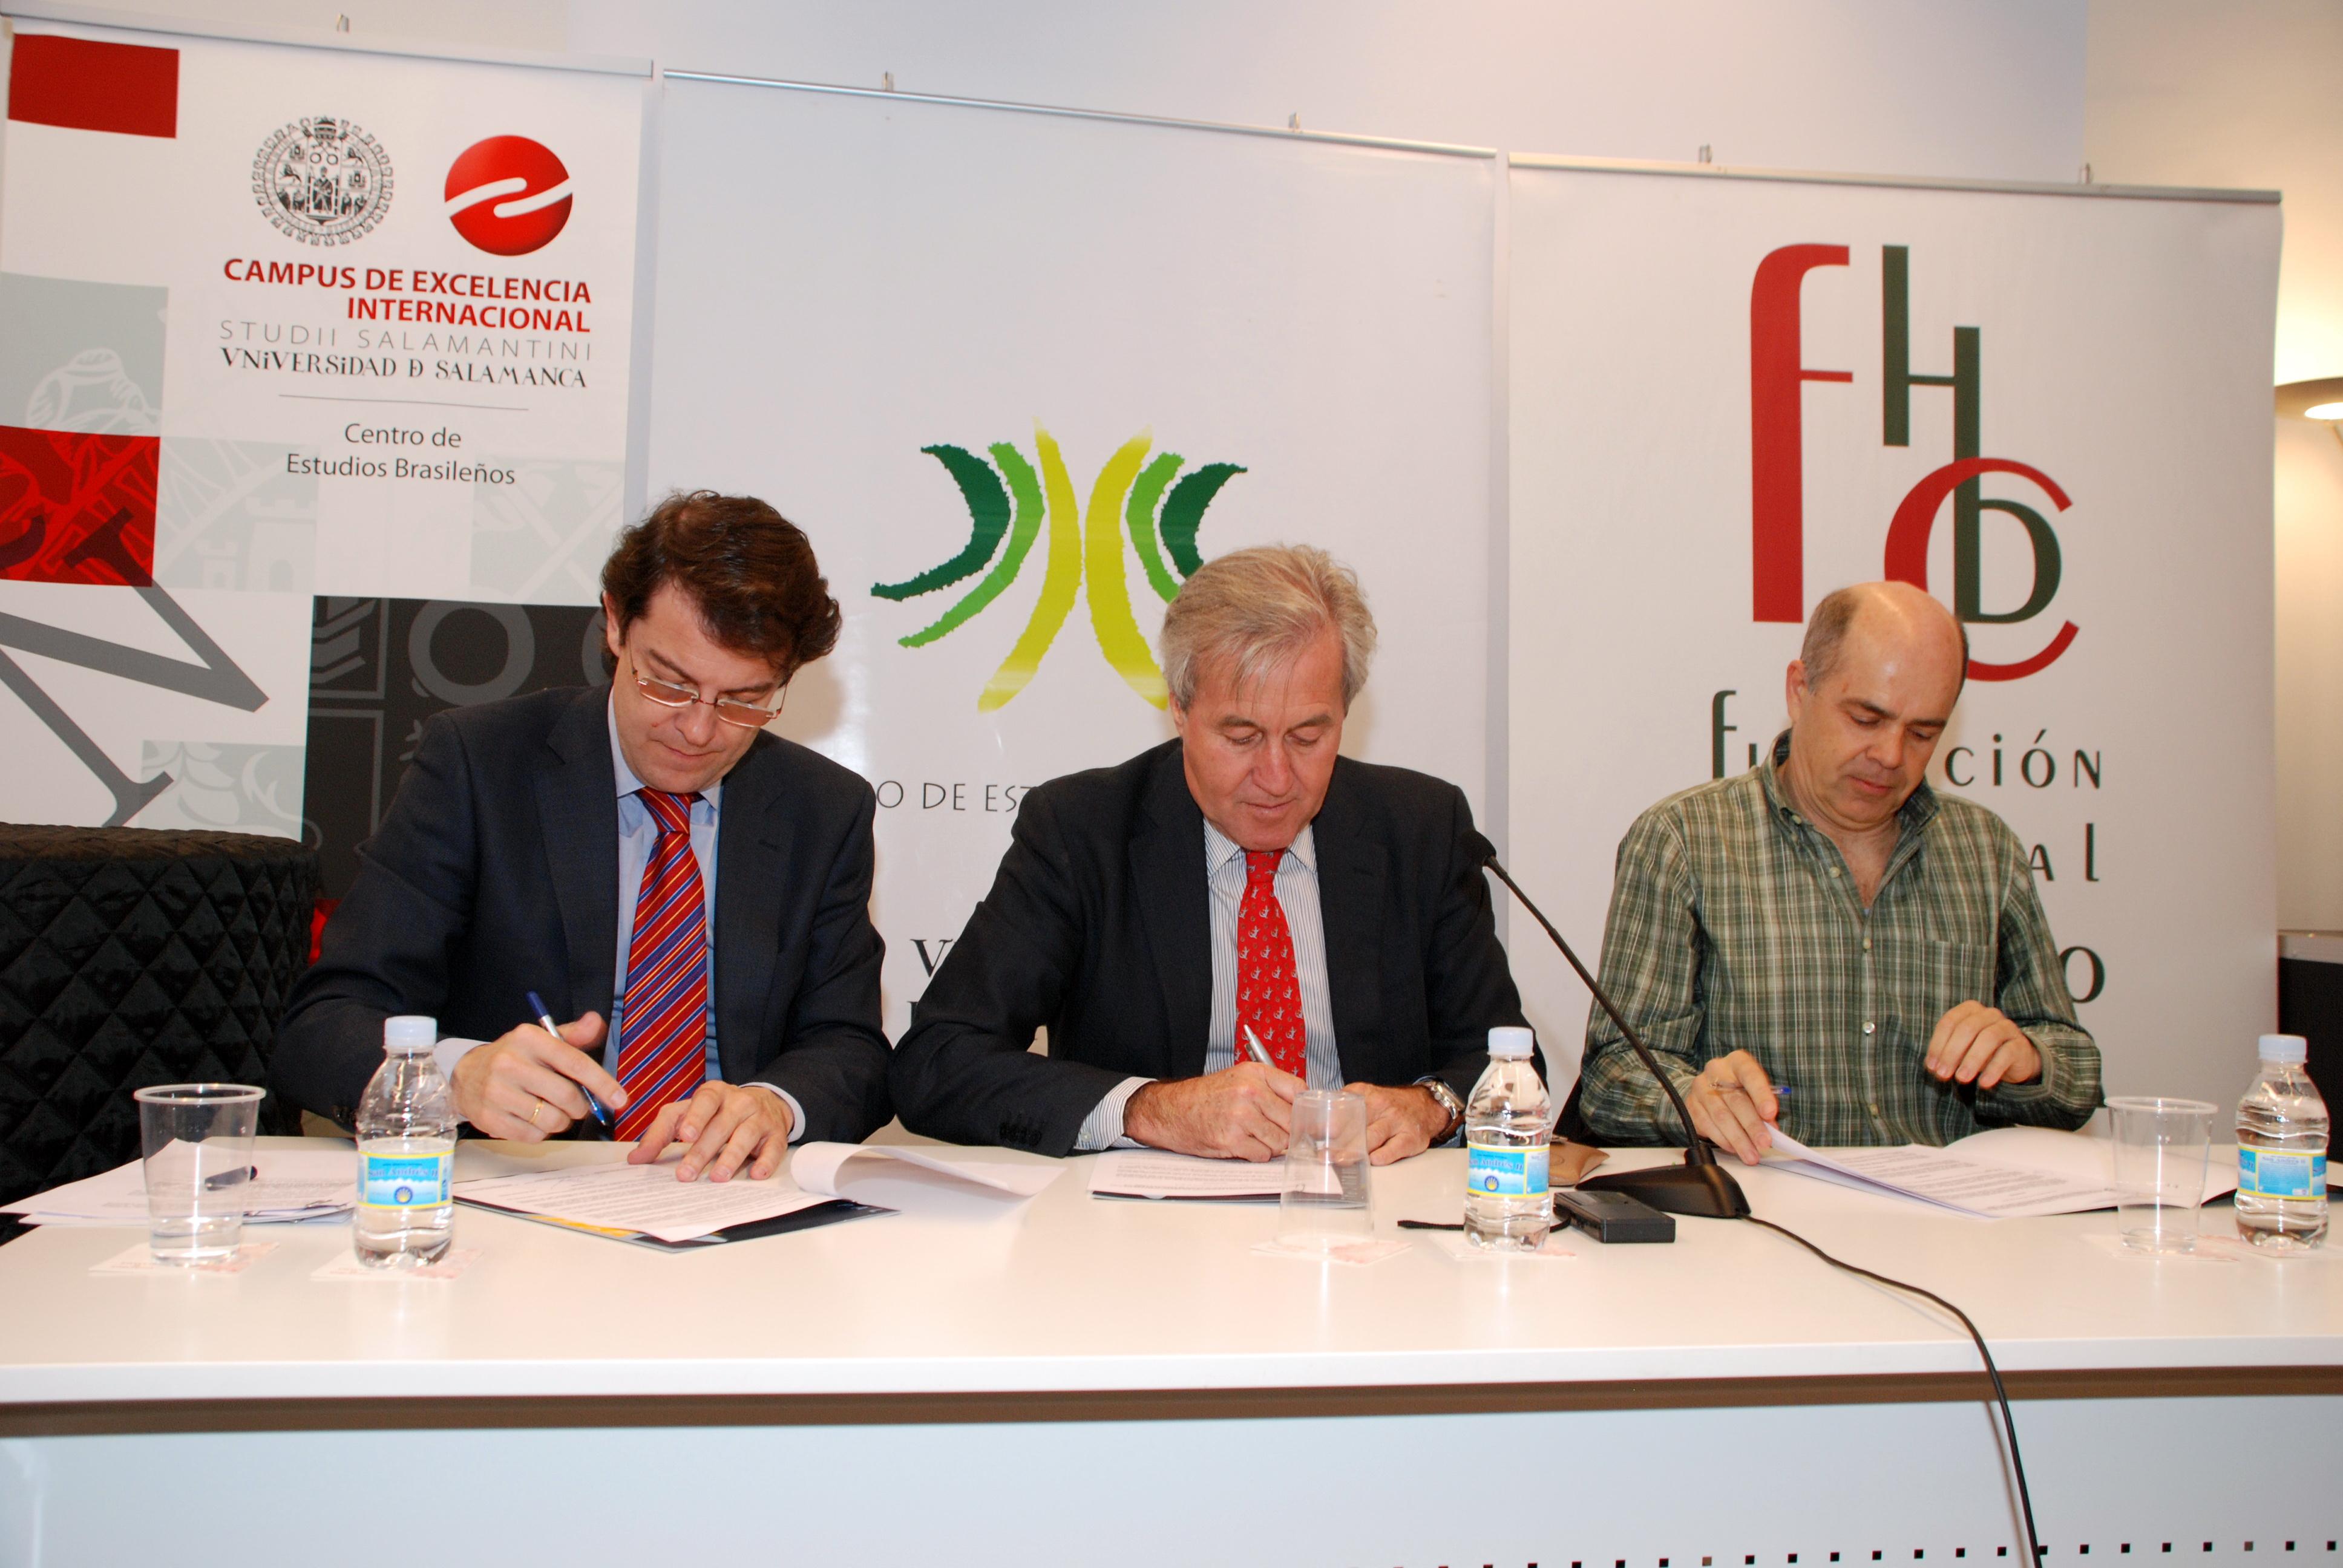 El Centro de Estudios Brasileños, el Ayuntamiento de Salamanca y el Conservatorio Superior de Música firman un convenio de colaboración con motivo de la II Bienal Internacional de Música 'Heitor Villa-Lobos'